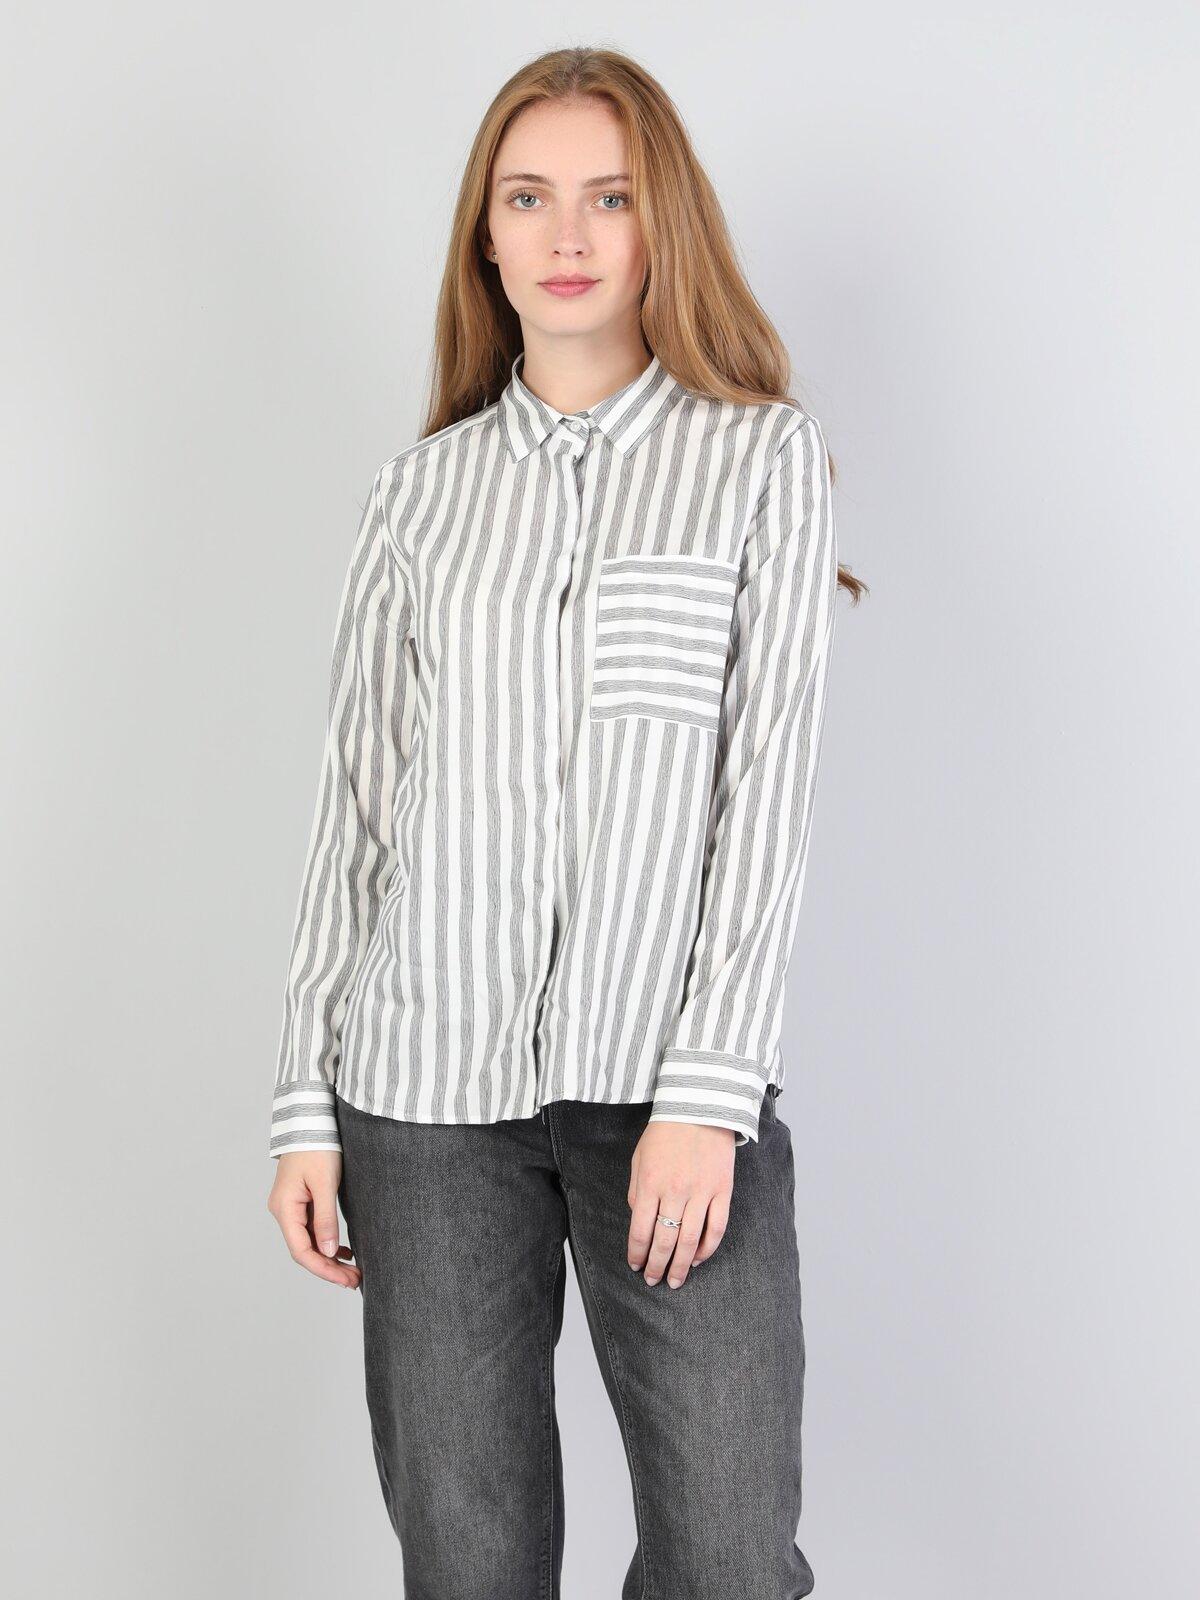 Regular Fit Shirt Neck Kadın Beyaz Uzun Kol Gömlek